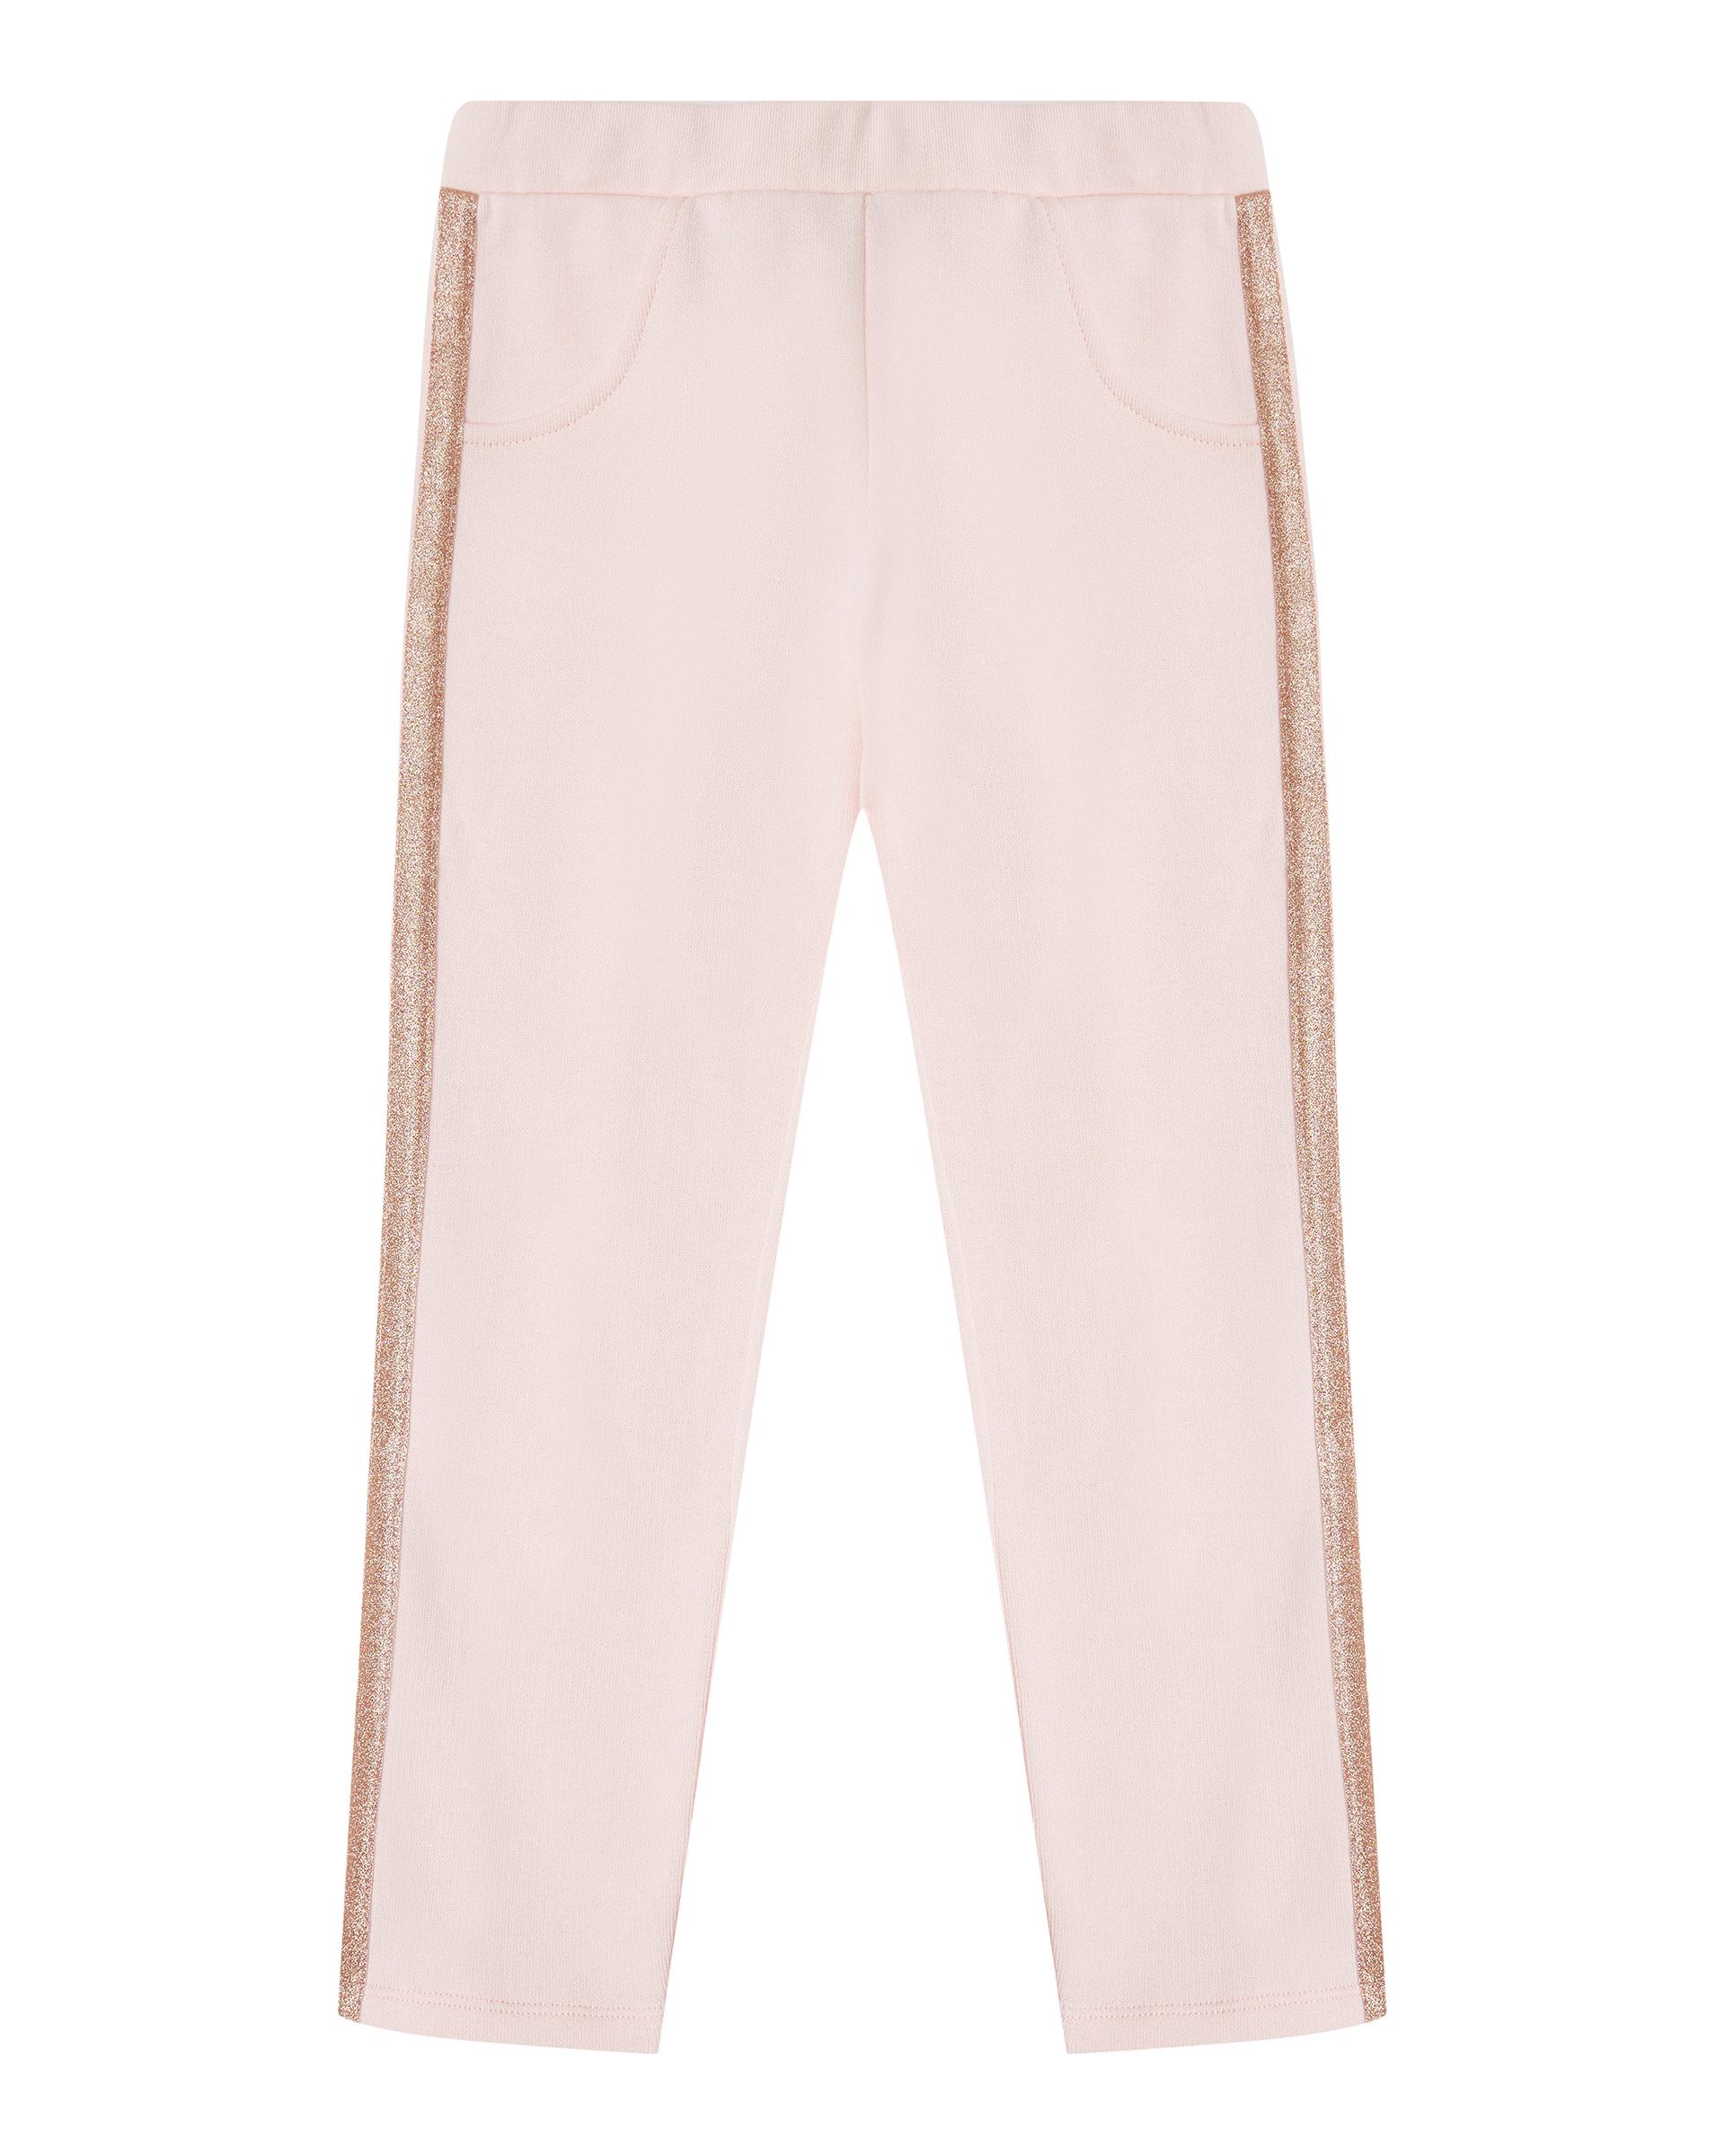 Купить 20P_3J68I02DP_3E3, Спортивные брюки для девочек Benetton 3J68I02DP_3E3 р-р 110, United Colors of Benetton, Брюки для девочек